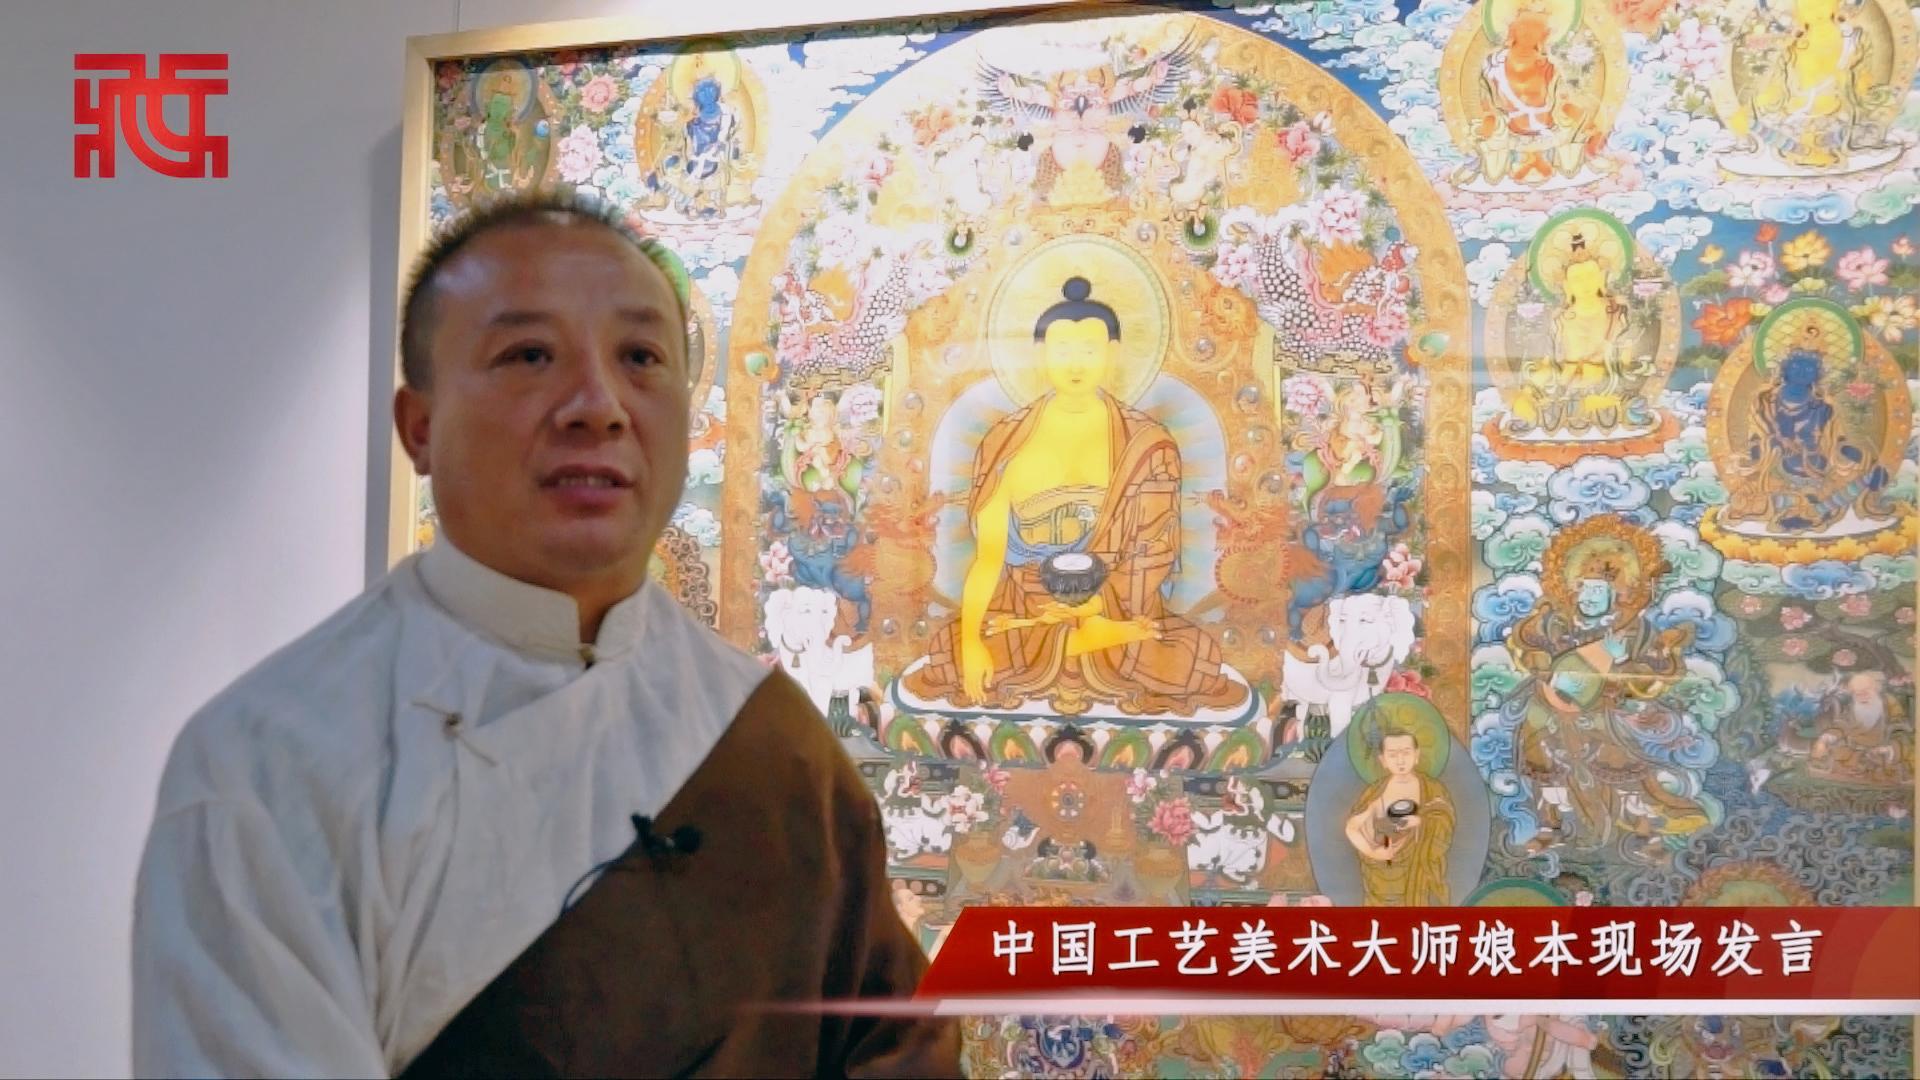 中国工艺美术大师娘本唐卡艺术展现场专访